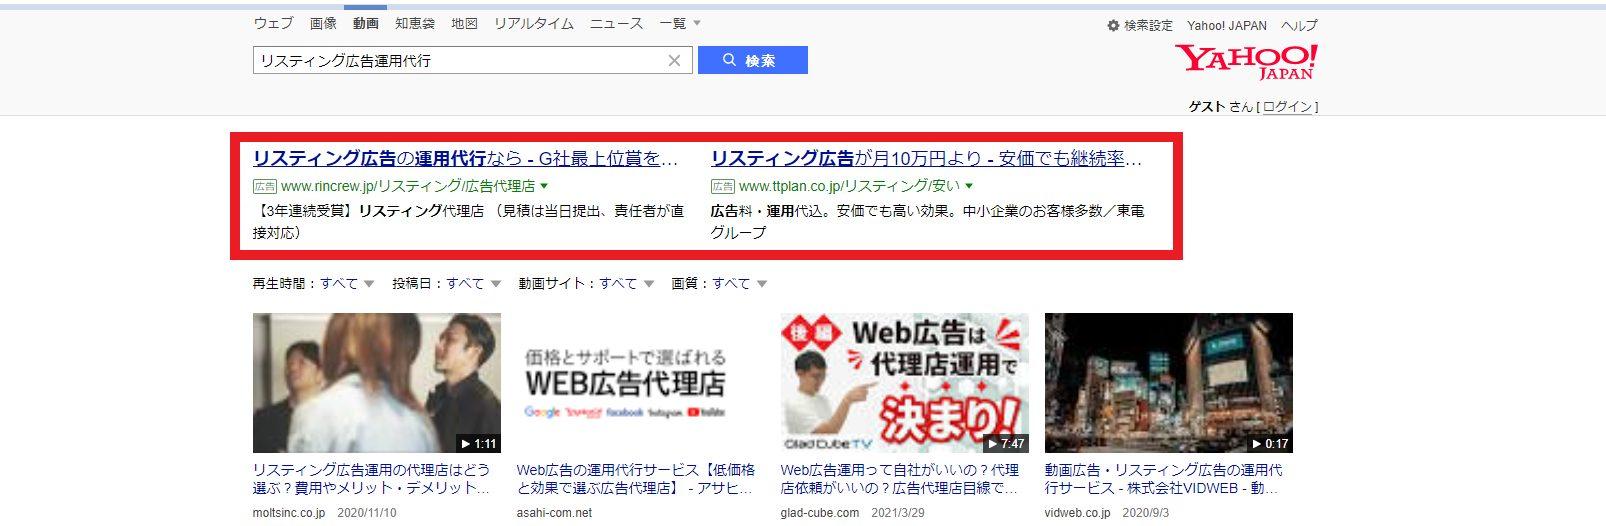 Yahoo!検索広告の広告掲載方式(動画)